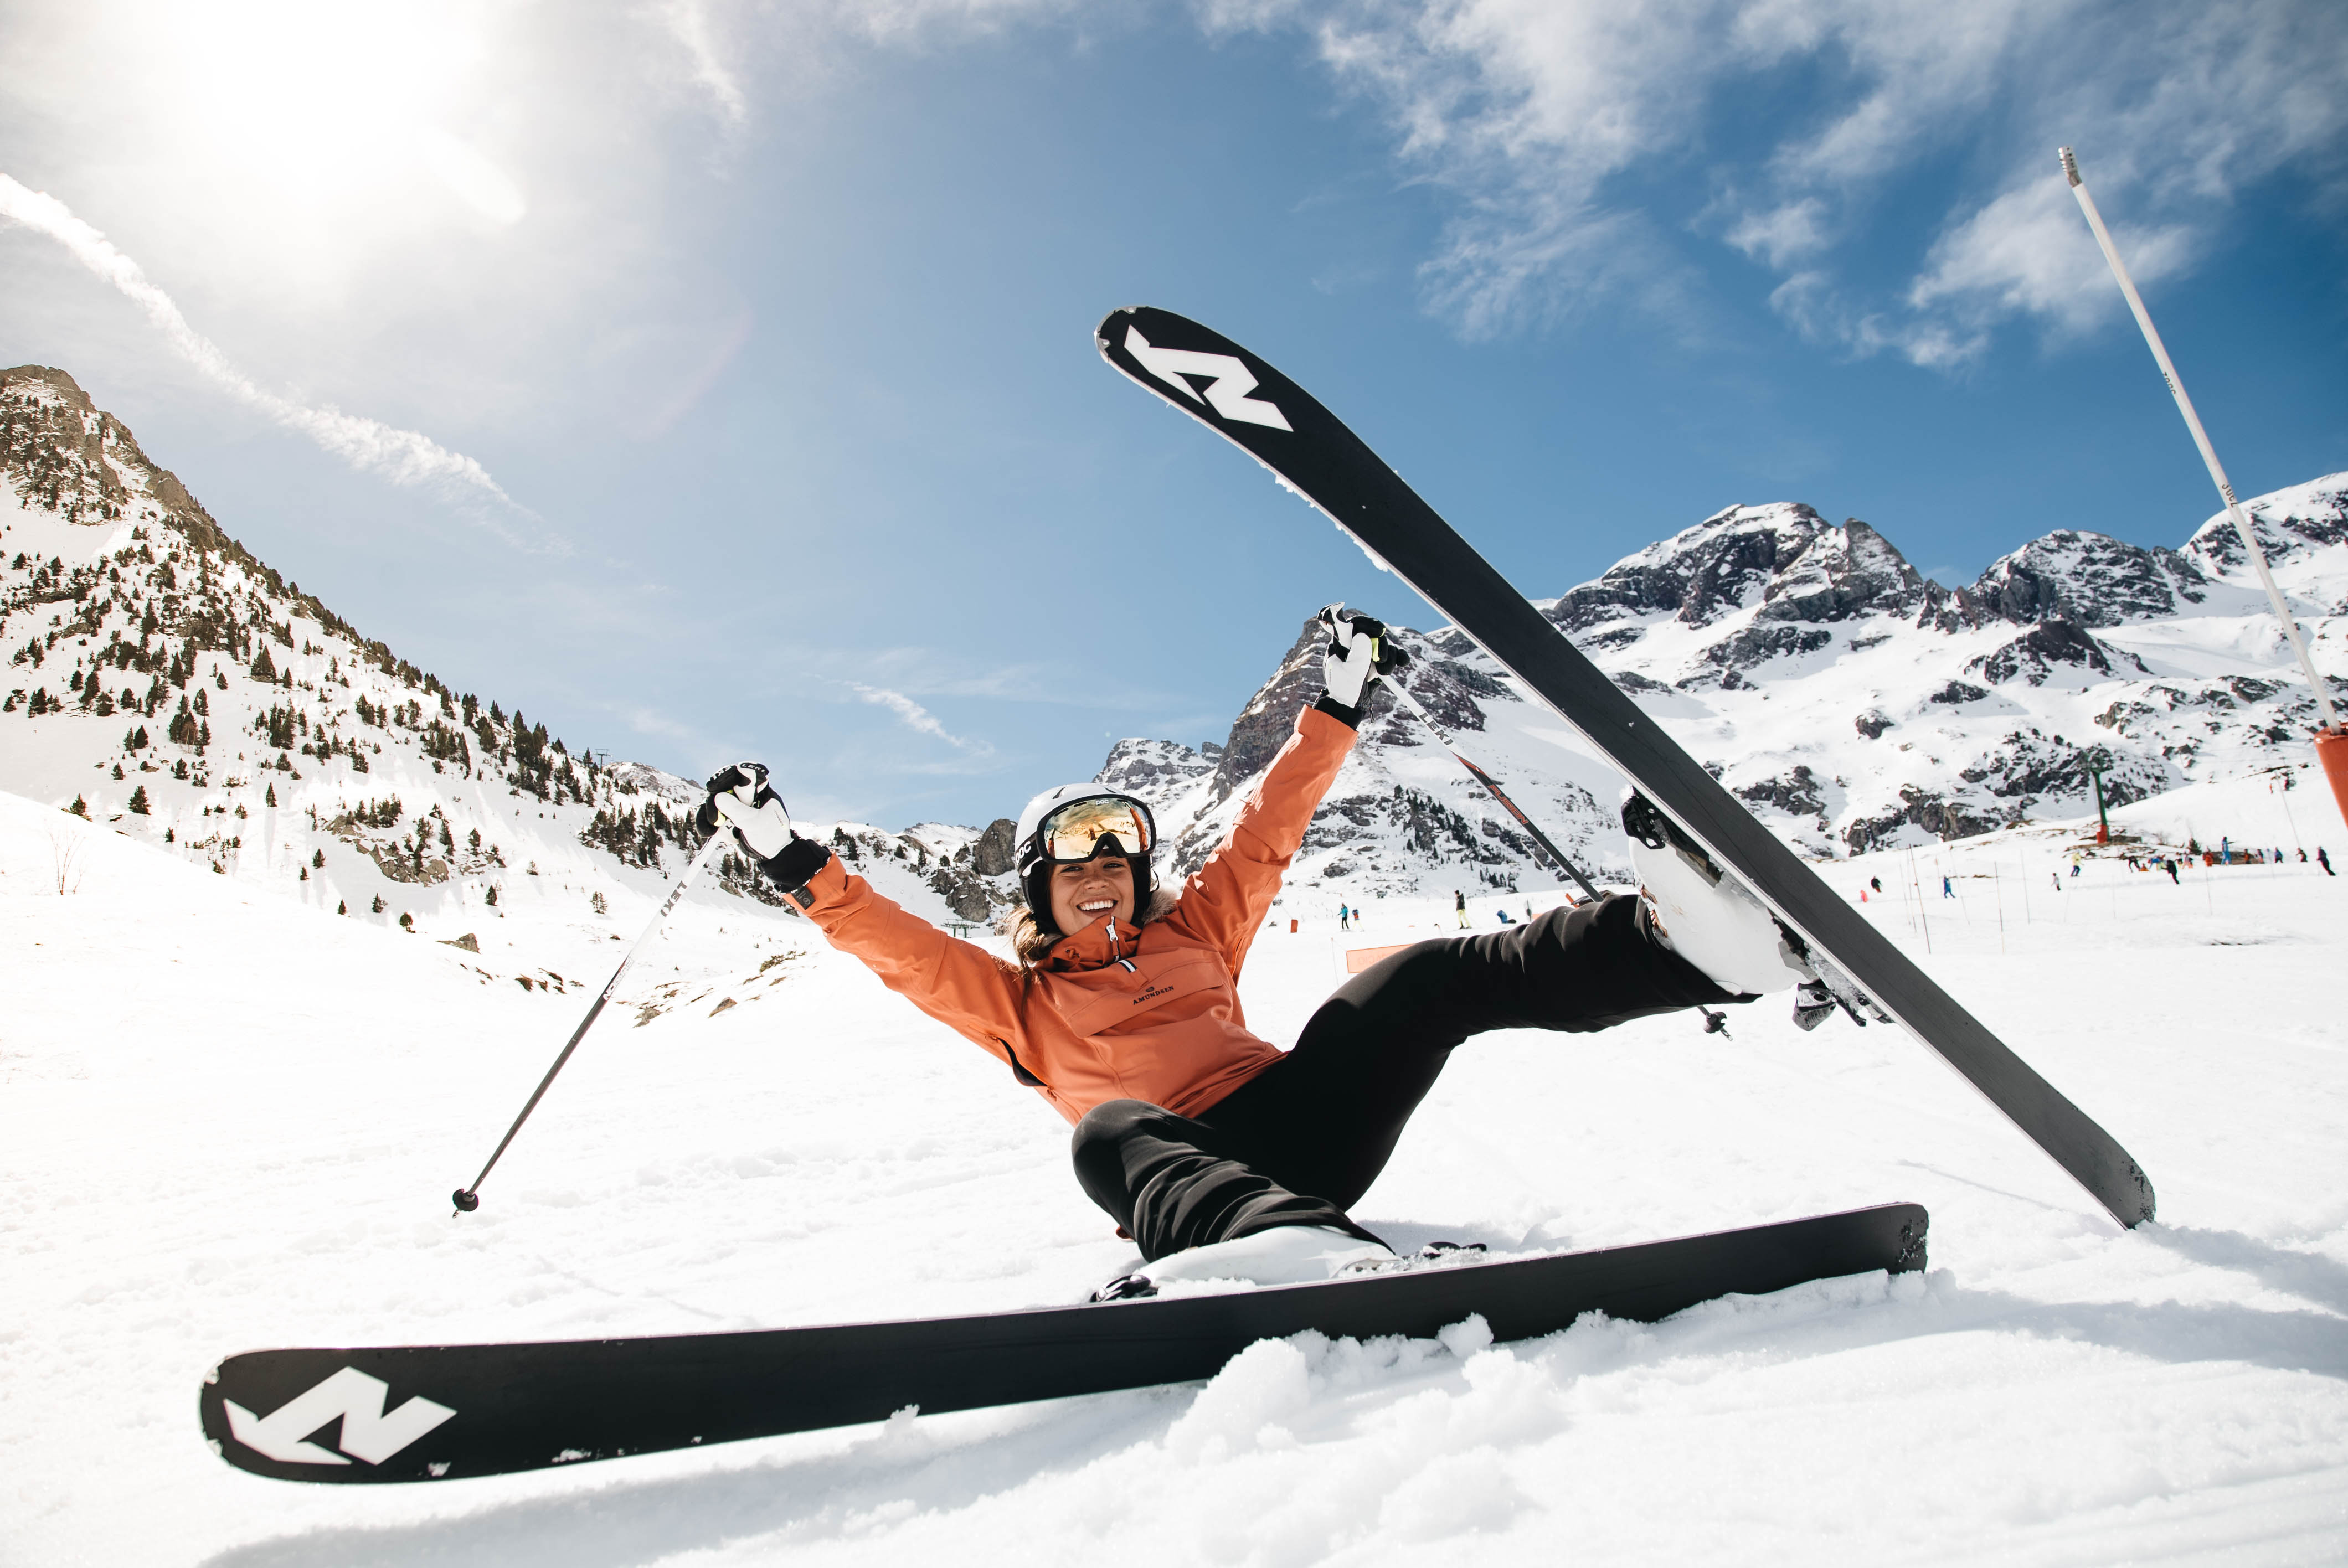 ¿Cómo levantarse cuando te caes con esquís?